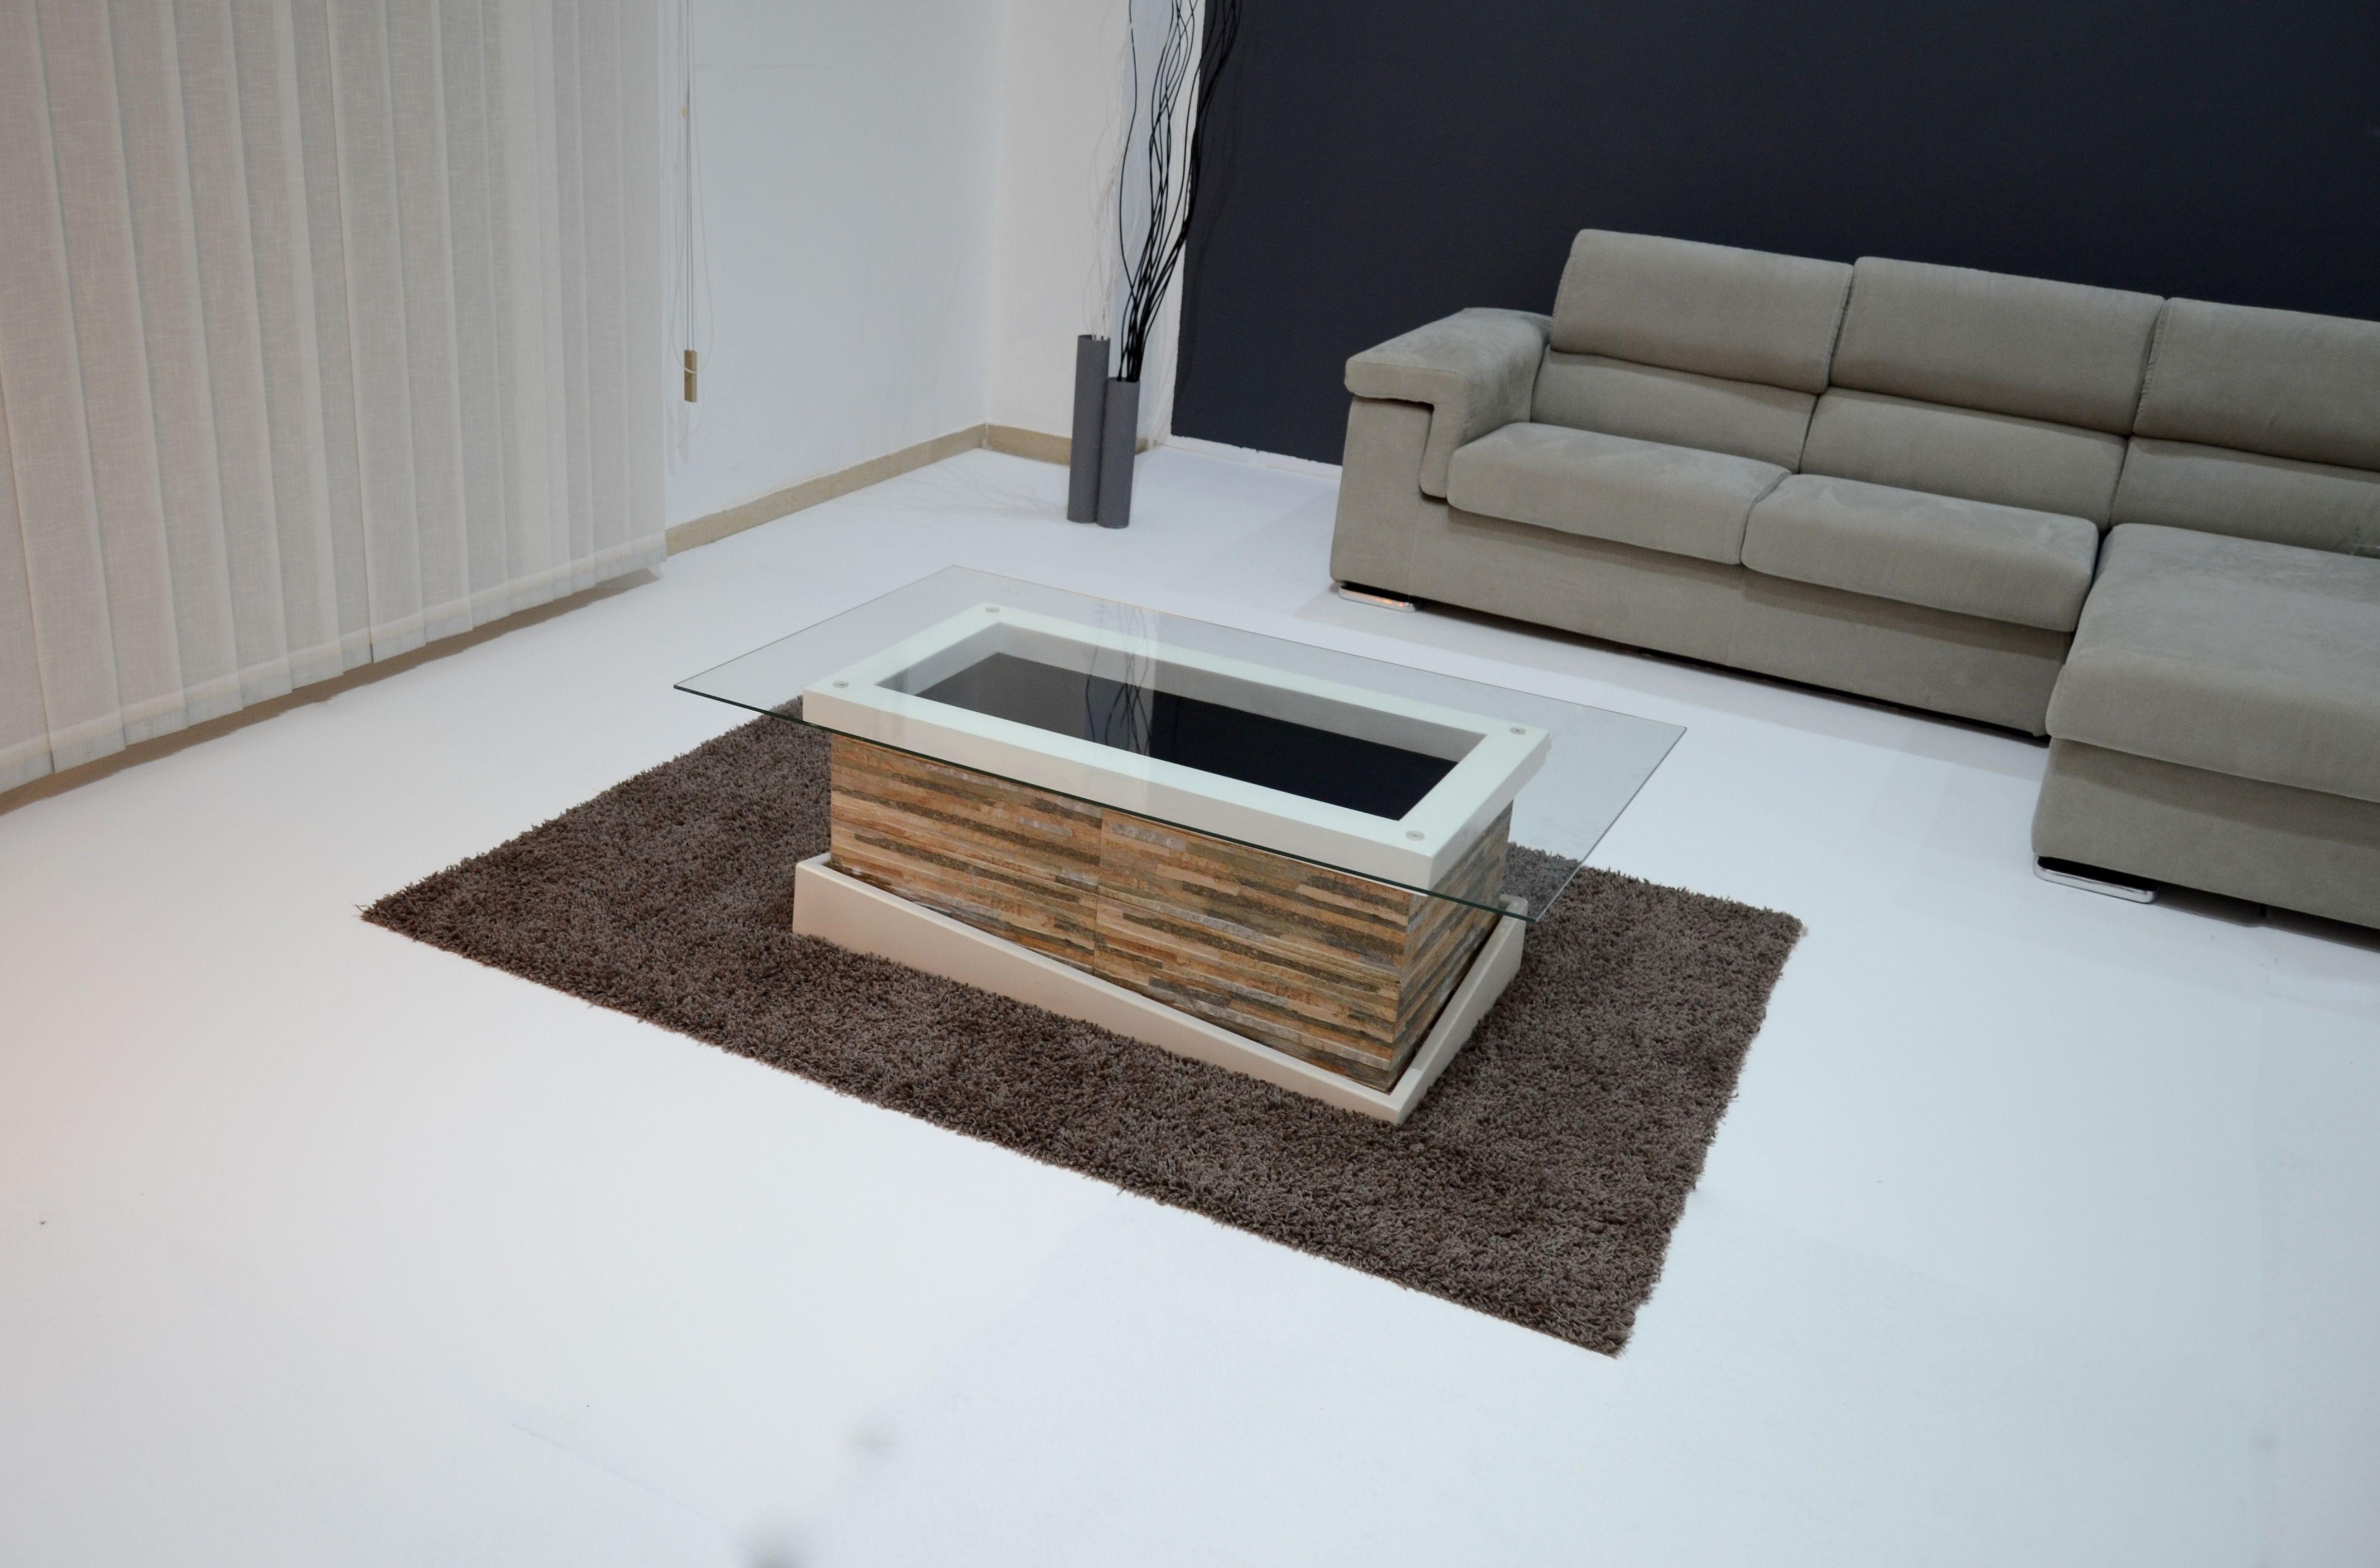 Tavolino da salotto STONE -Coffee Table#tavolinodasalotto #basso ...